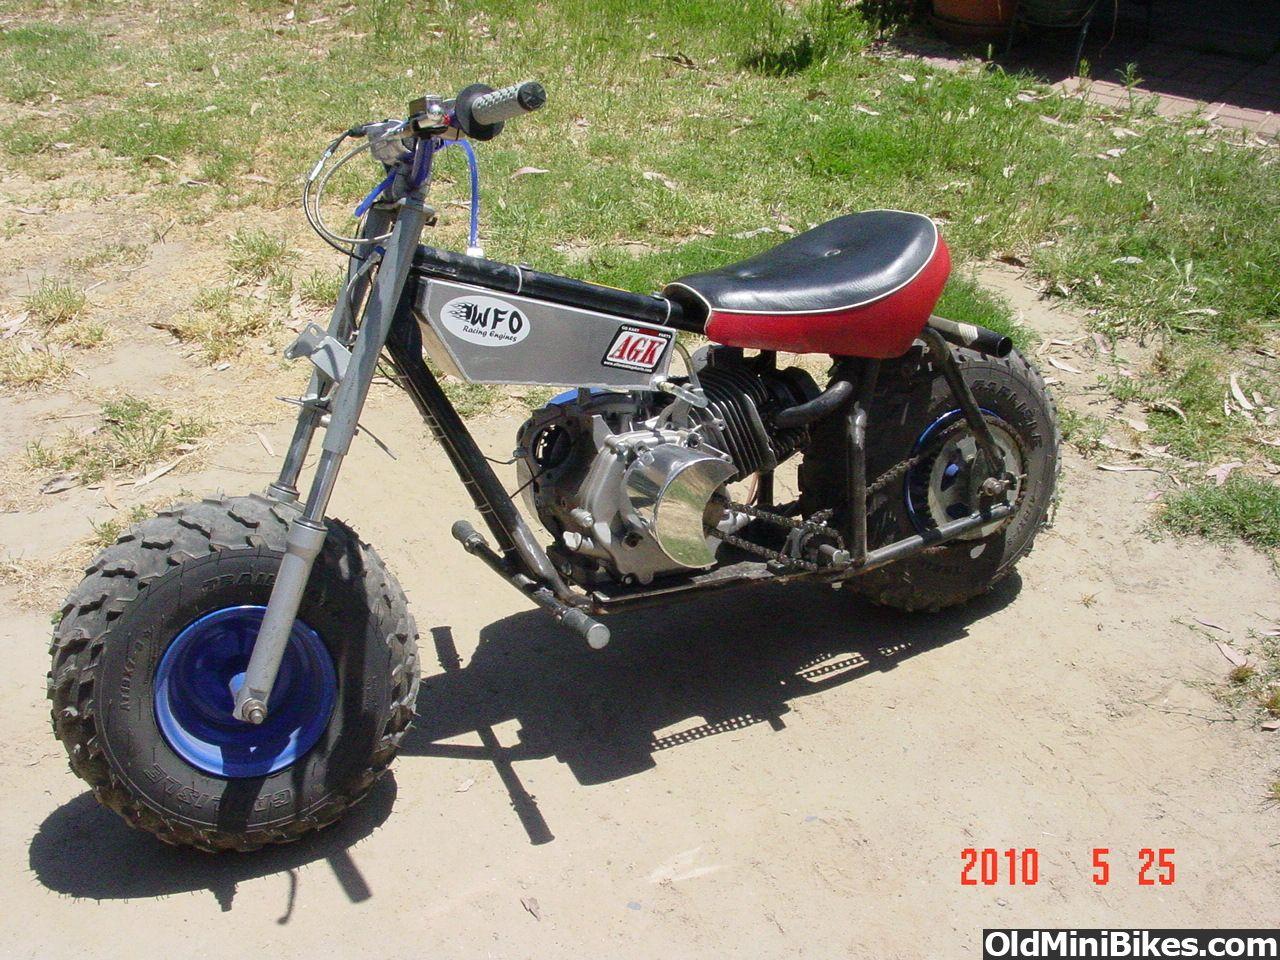 16 hp baja warrior page 2 oldminibikes com forum minibike cartwarriorsmotorbikesboatsprojectsvehicleschopperwheels